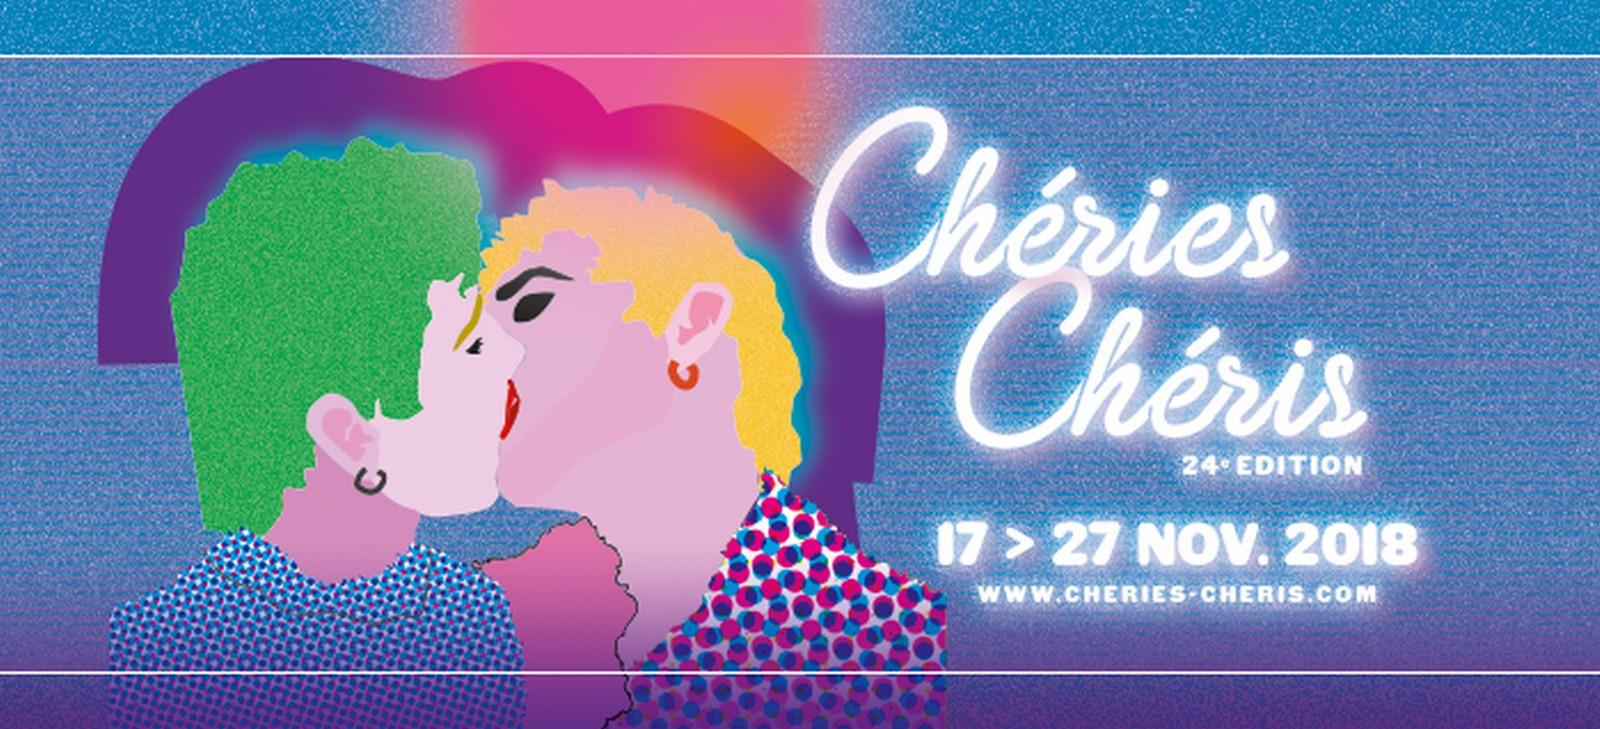 chéries-chéris-festival-transgenre-homo-vivtre-trans